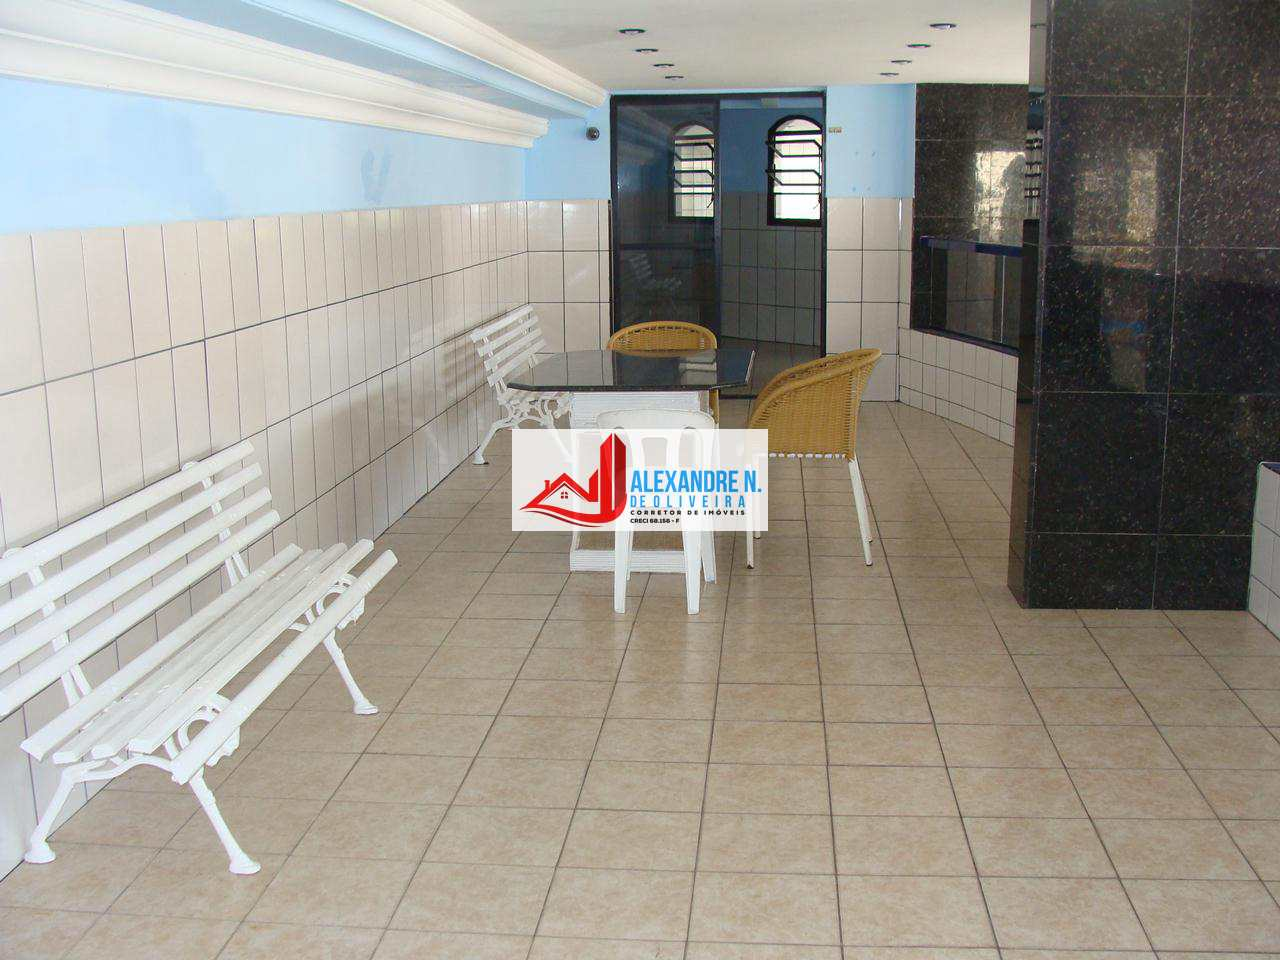 Apto 3 dorms, sacada, Praia Grande, Entr. R$ 100 mil, AP00449